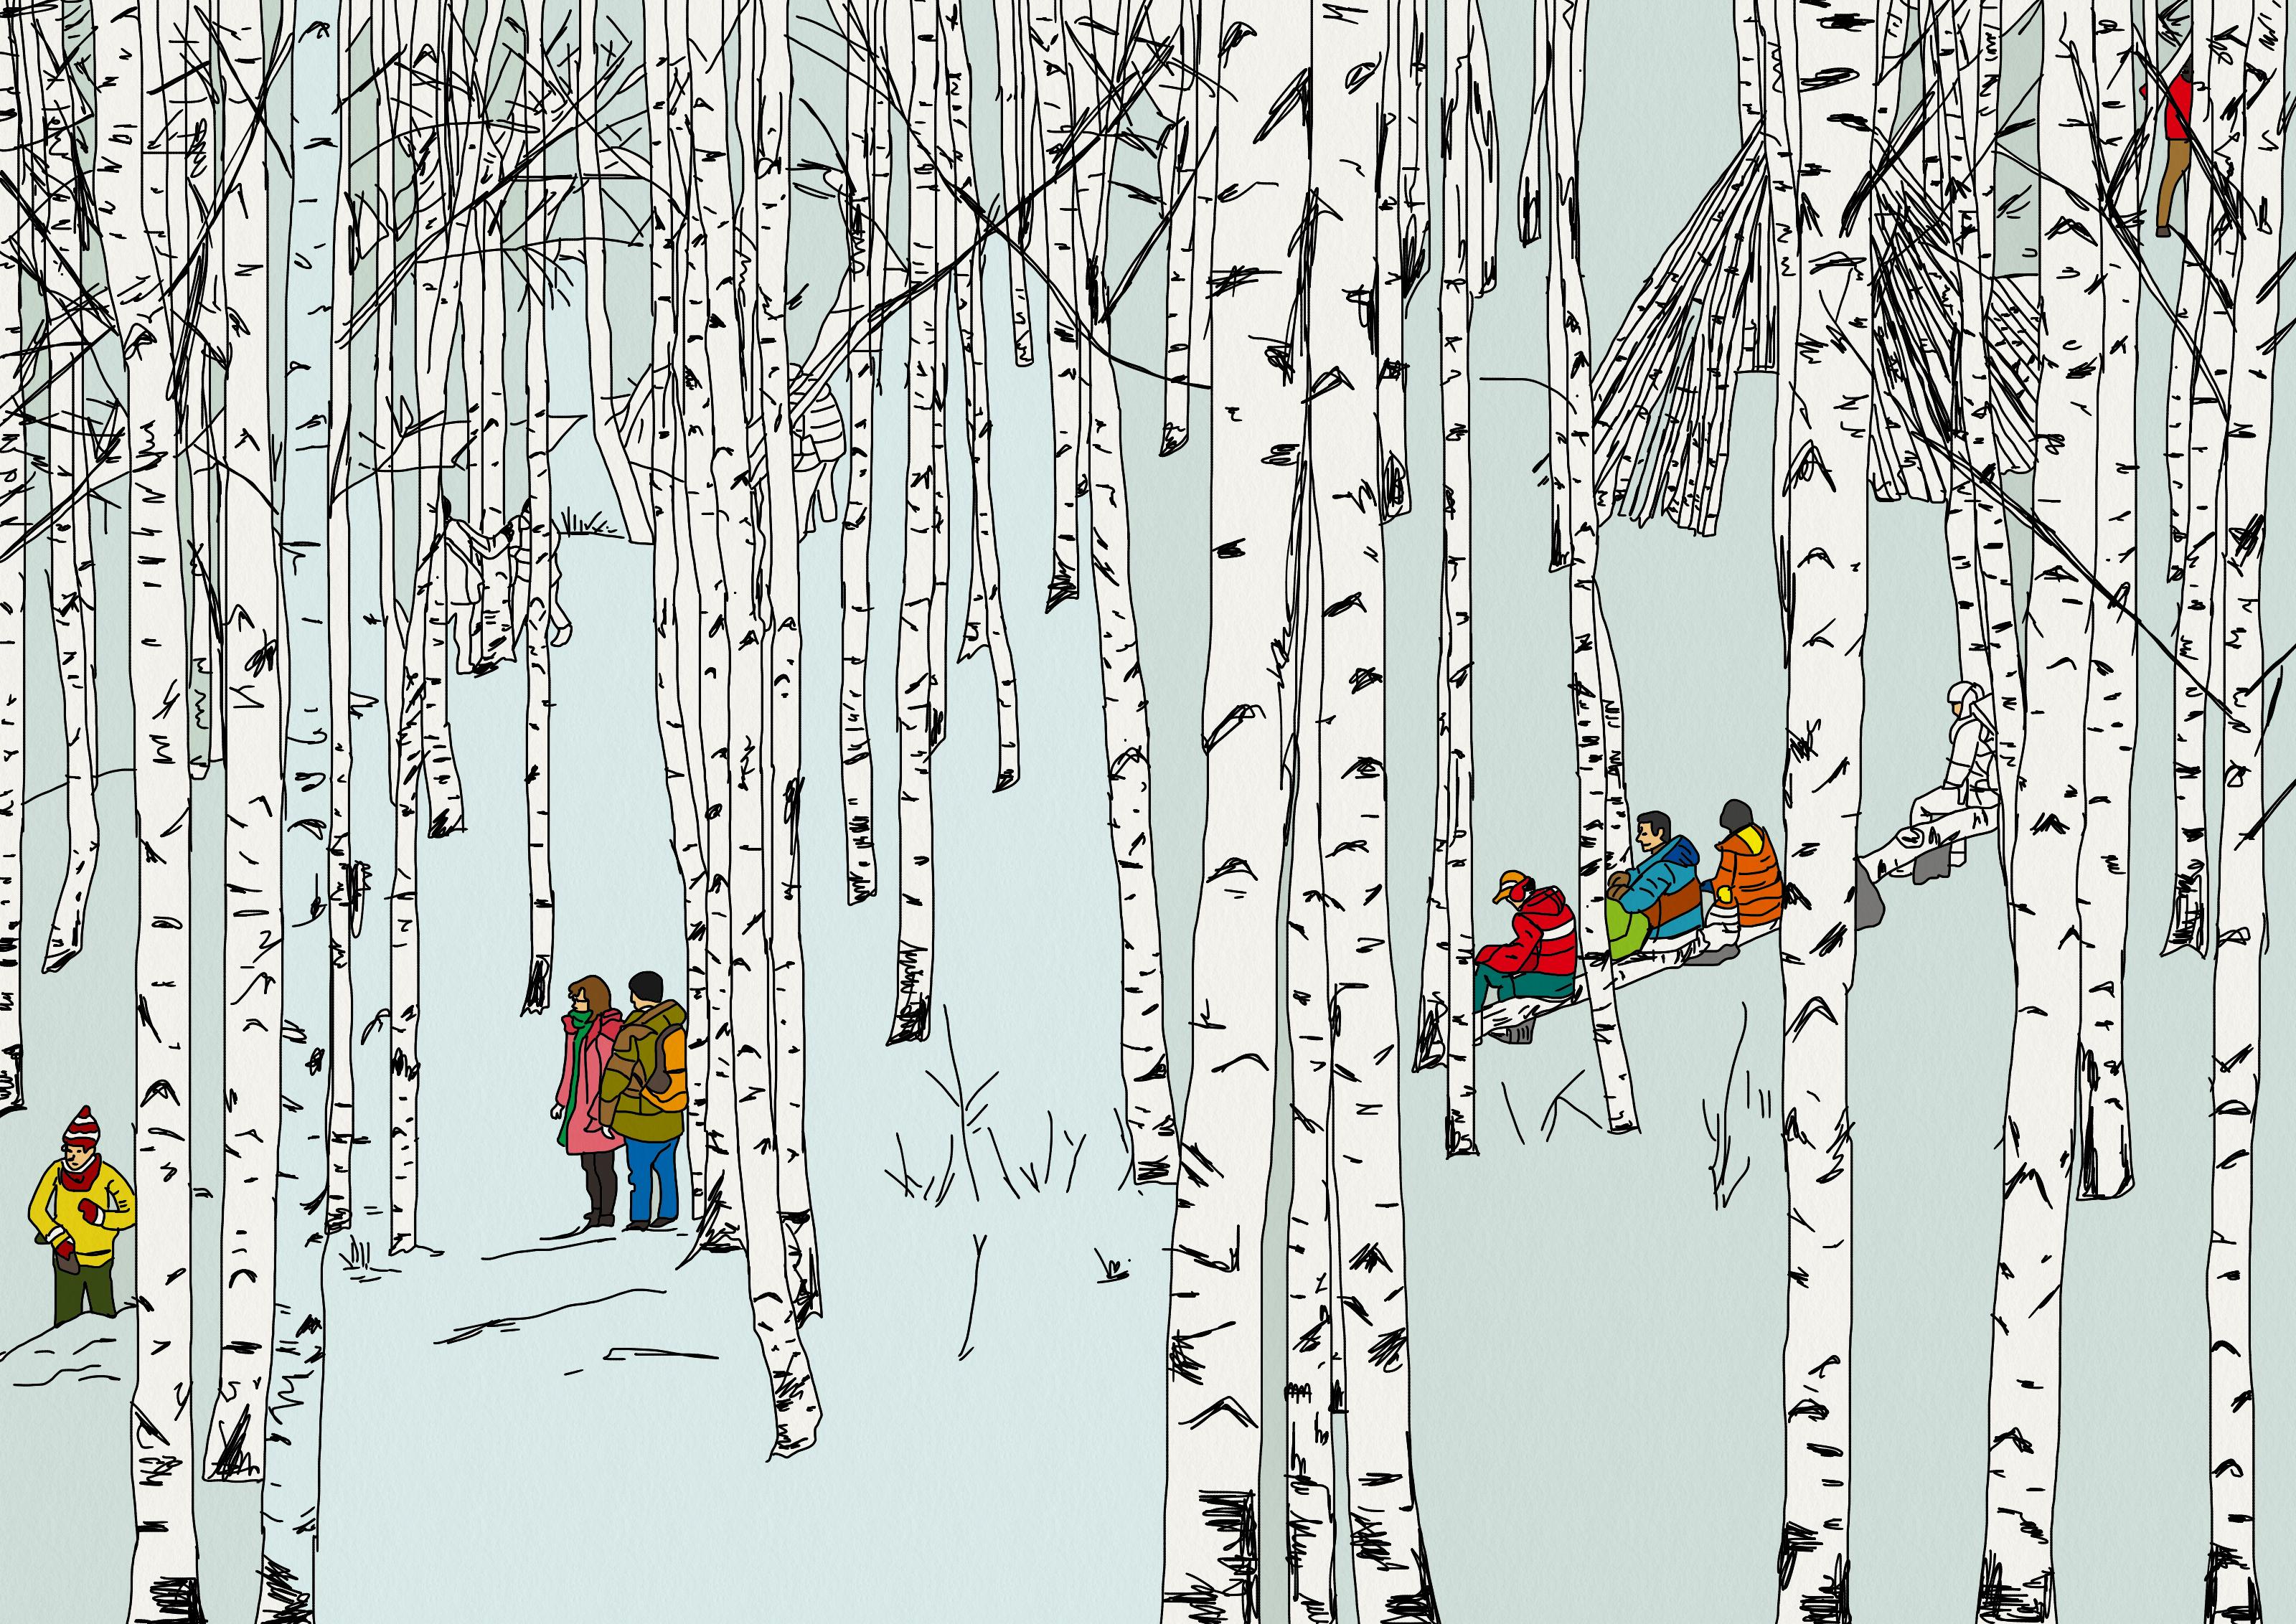 자작나무숲-하늘과 땅, 나무가 모두 하나의 색